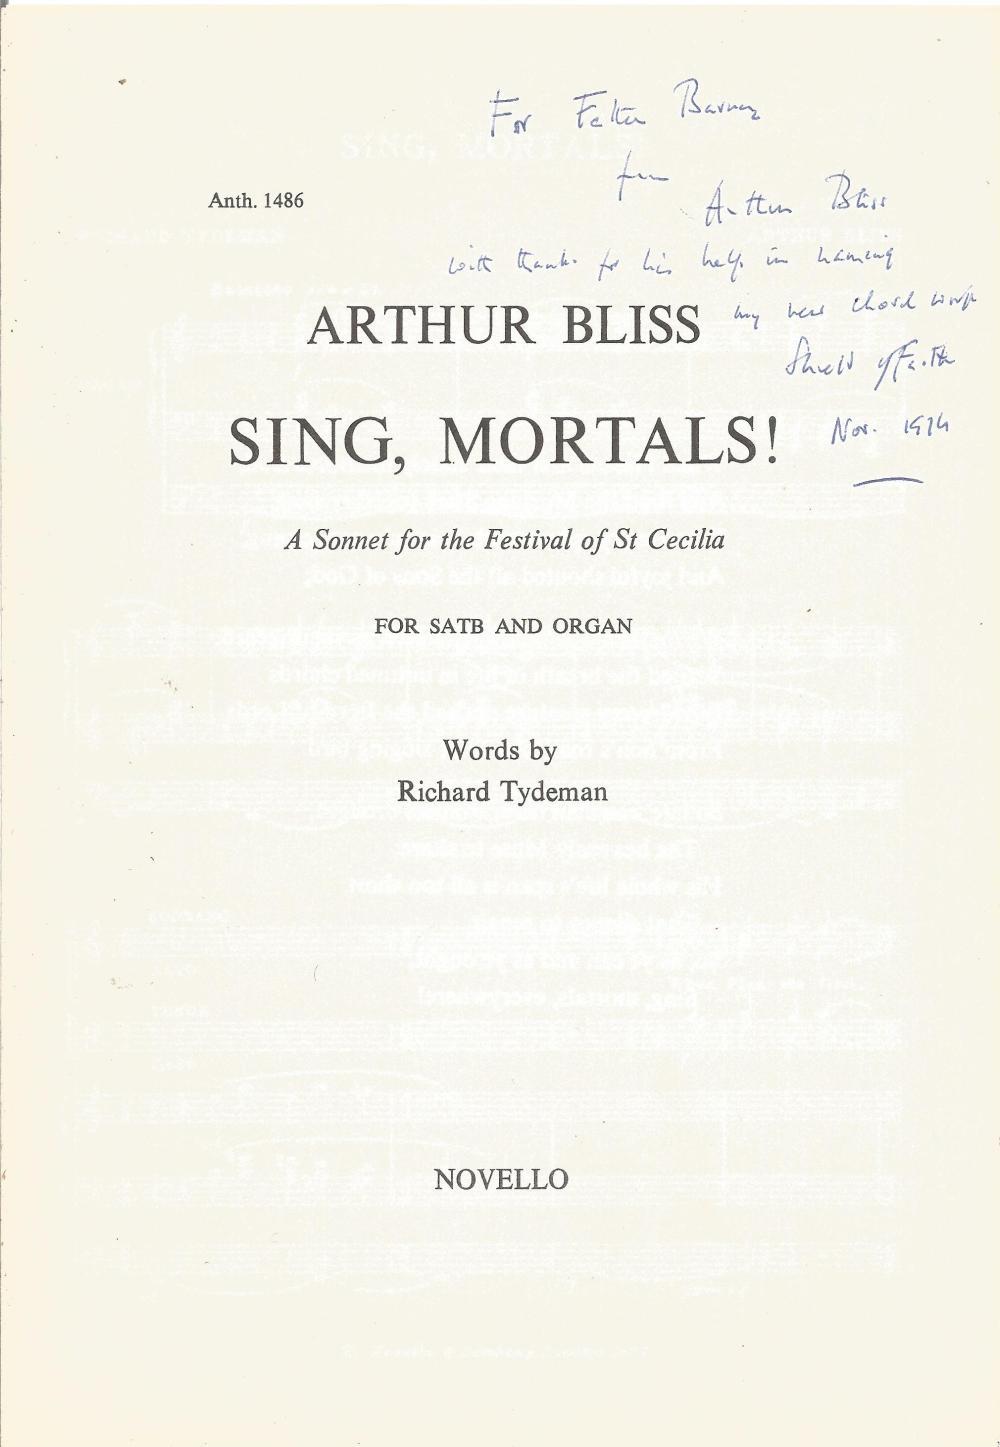 Arthur Bliss Signed music written for Fival Service Sing, Mortals! 1974, Karlheinz Stockhausen